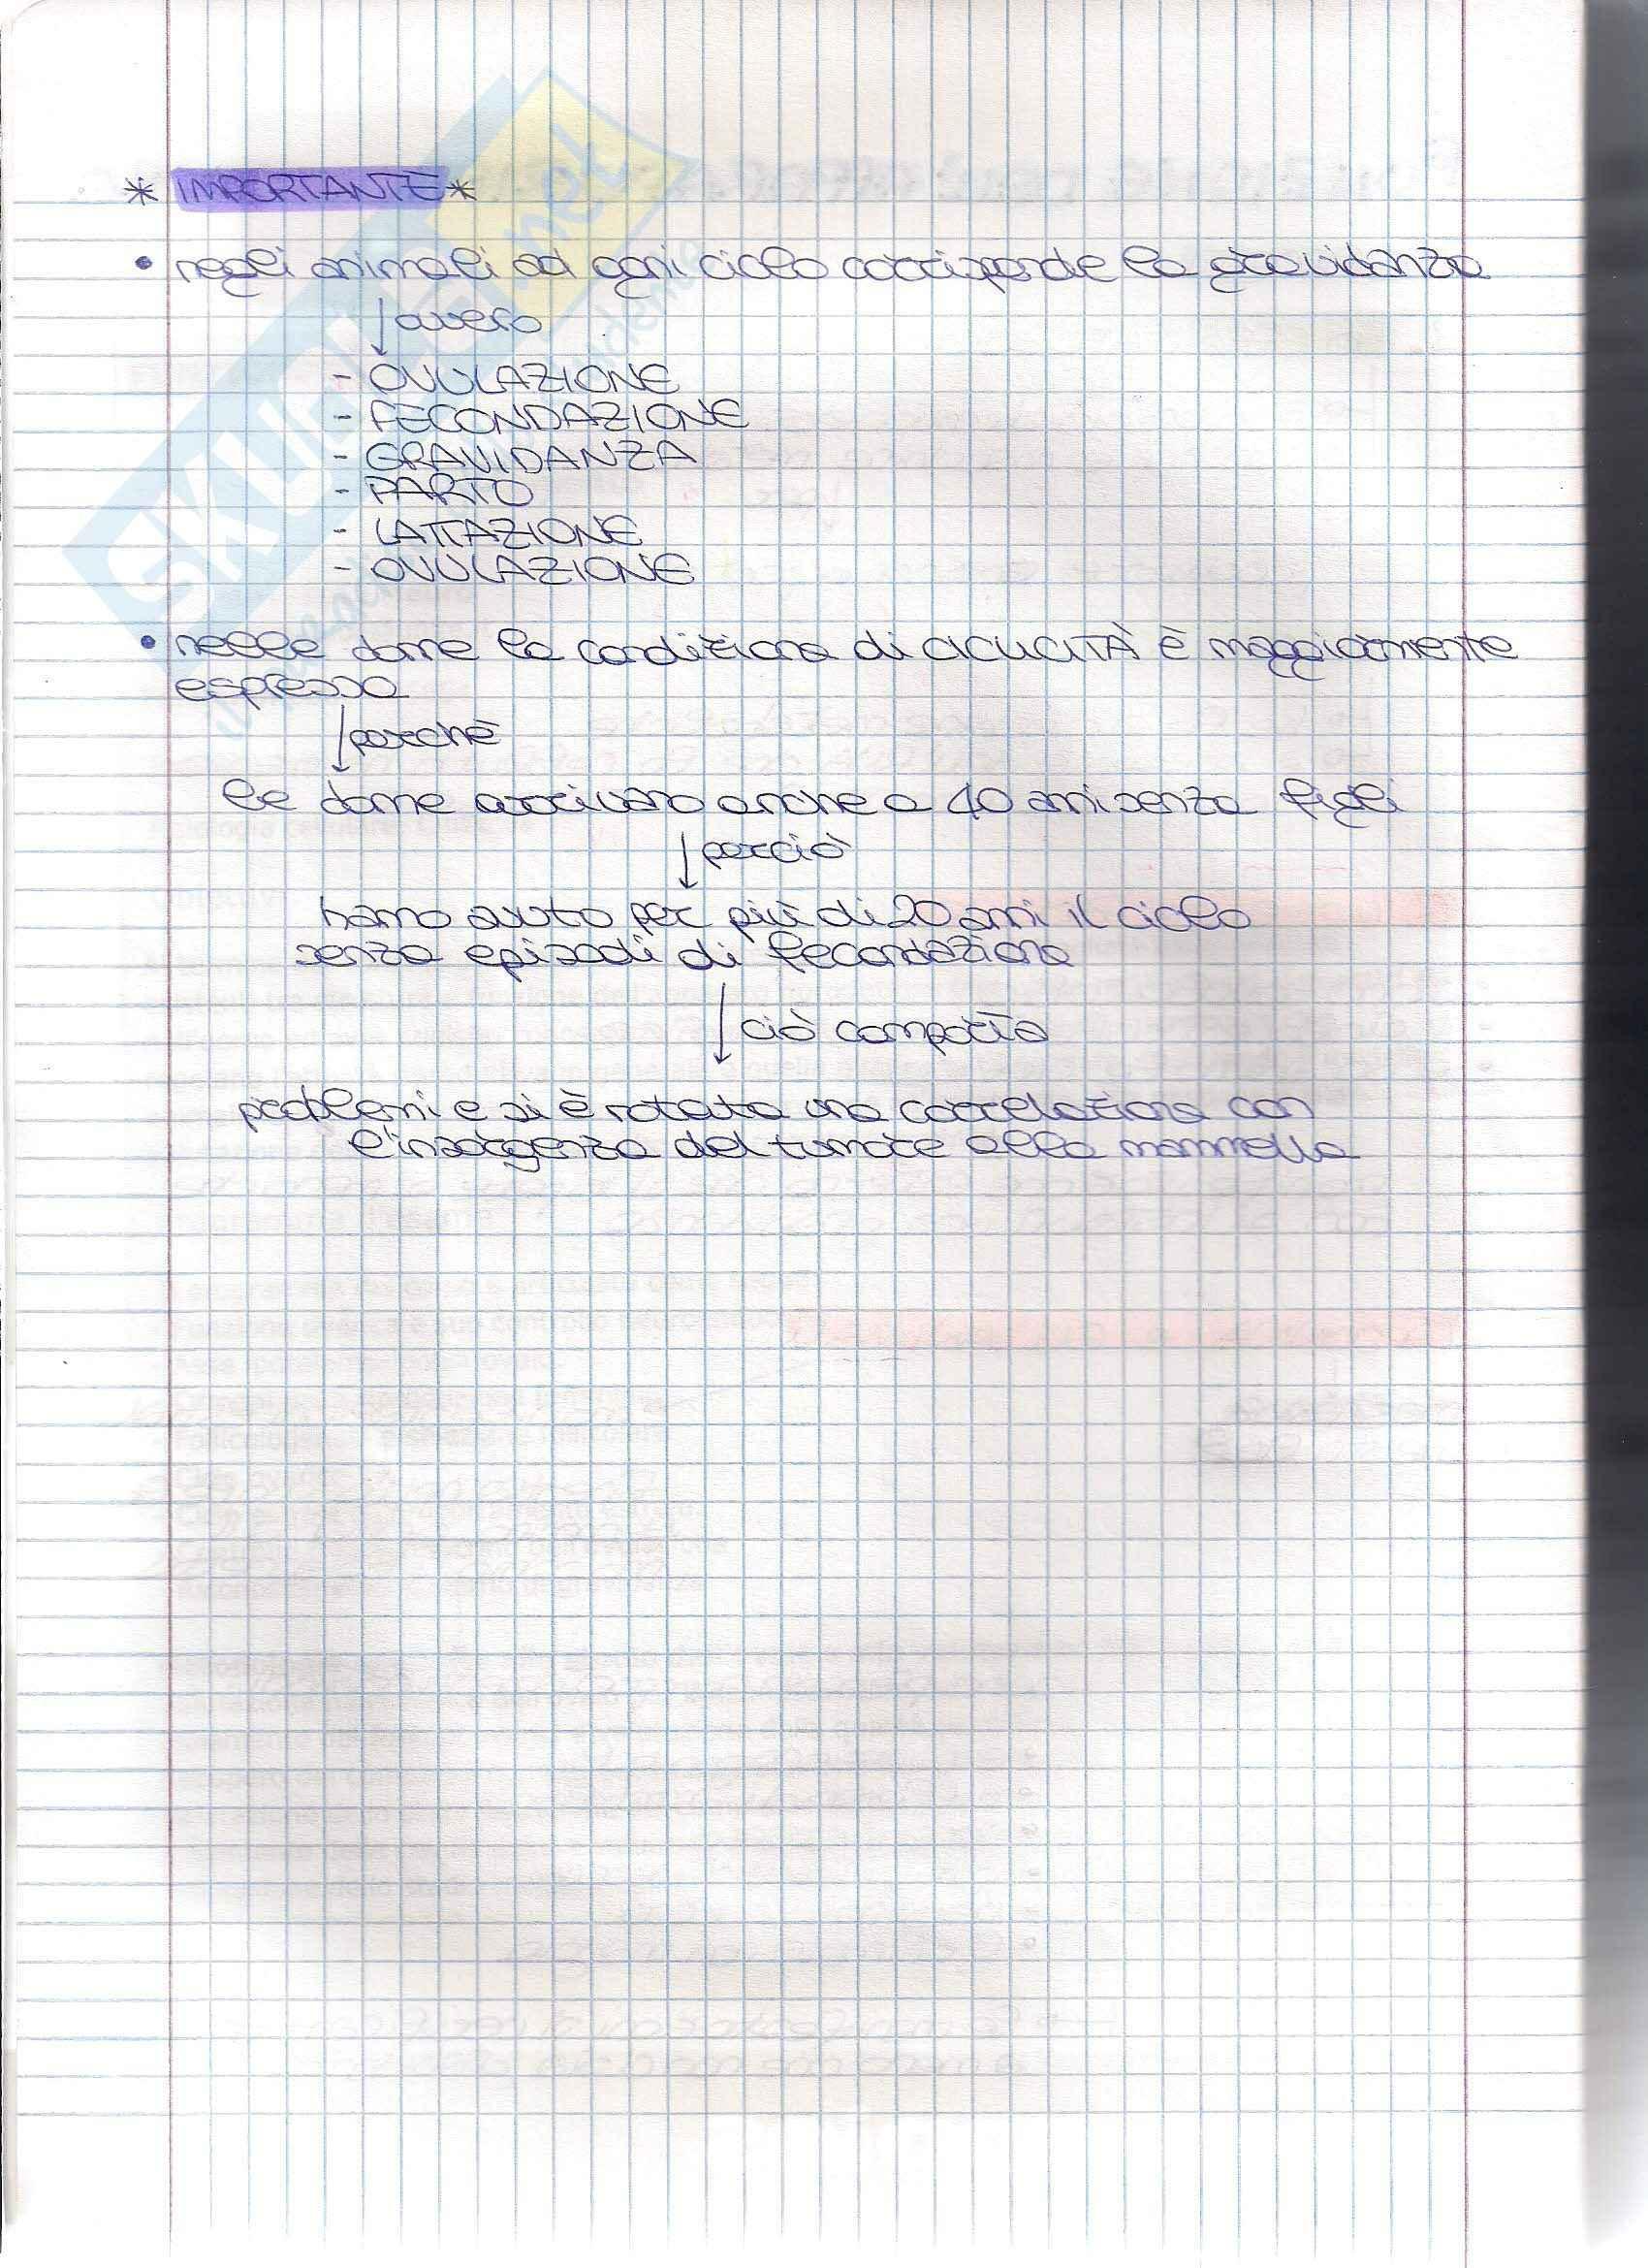 Struttura e funzione dell'apparato riproduttore - Appunti Pag. 2